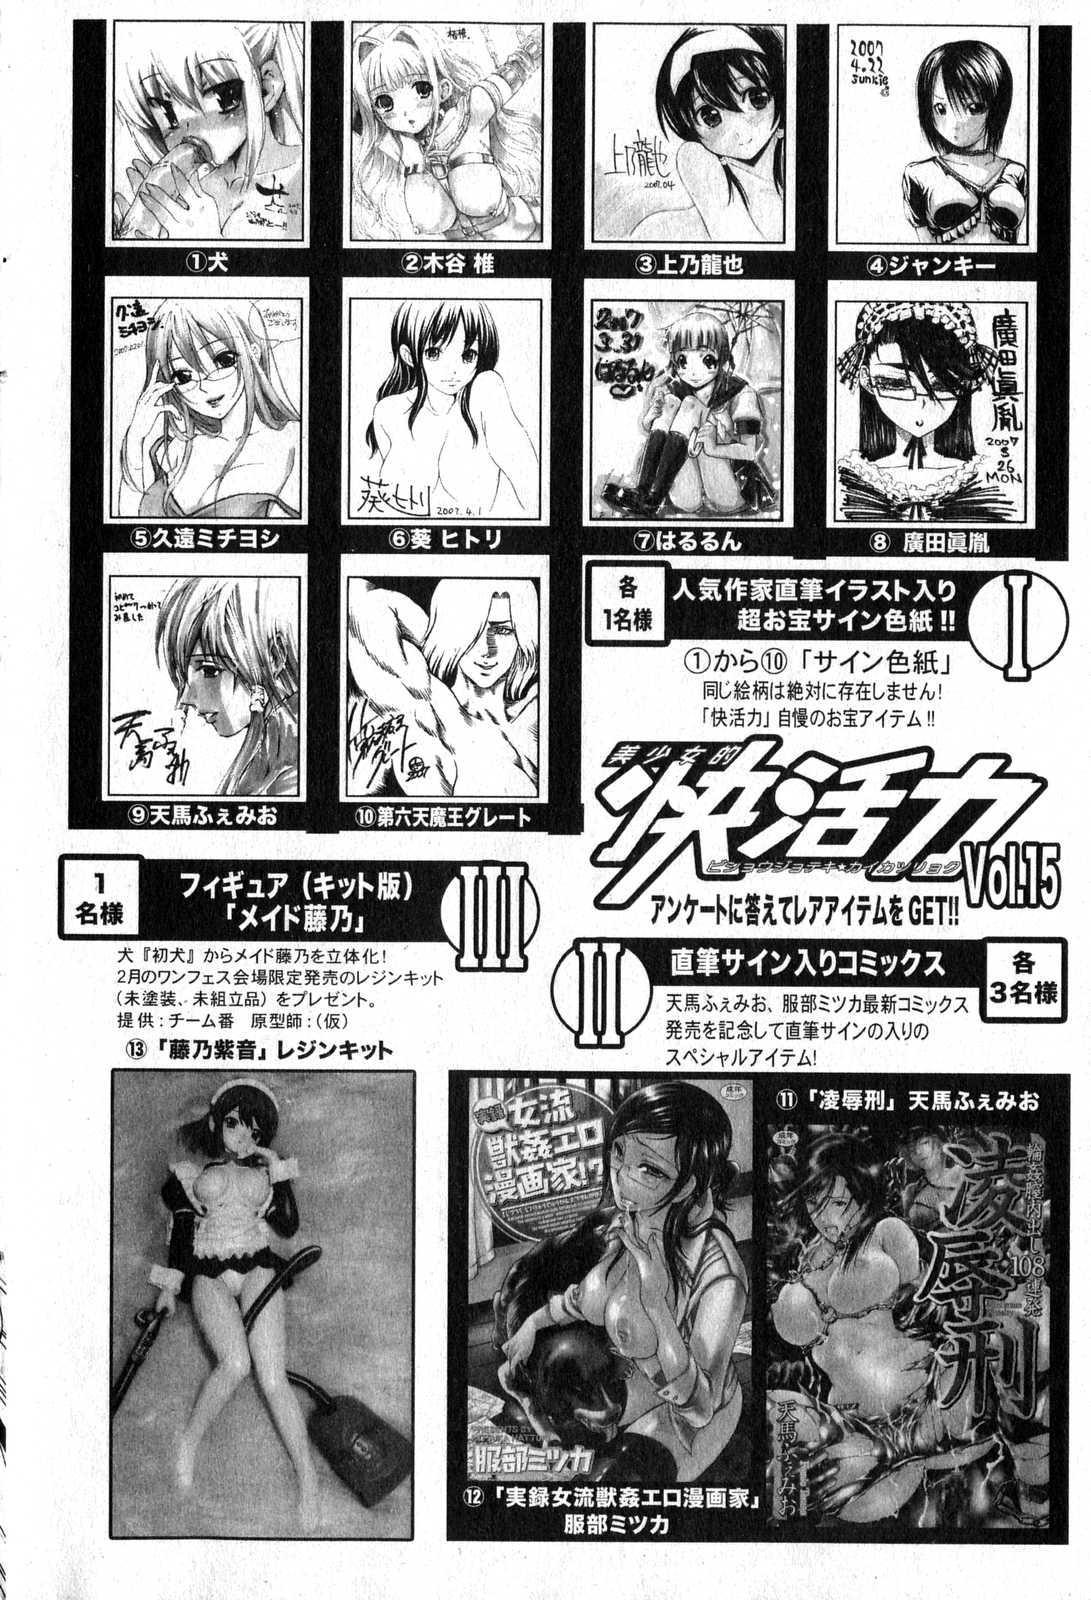 Bishoujo Teki Kaikatsu Ryoku 2007 Vol.15 195